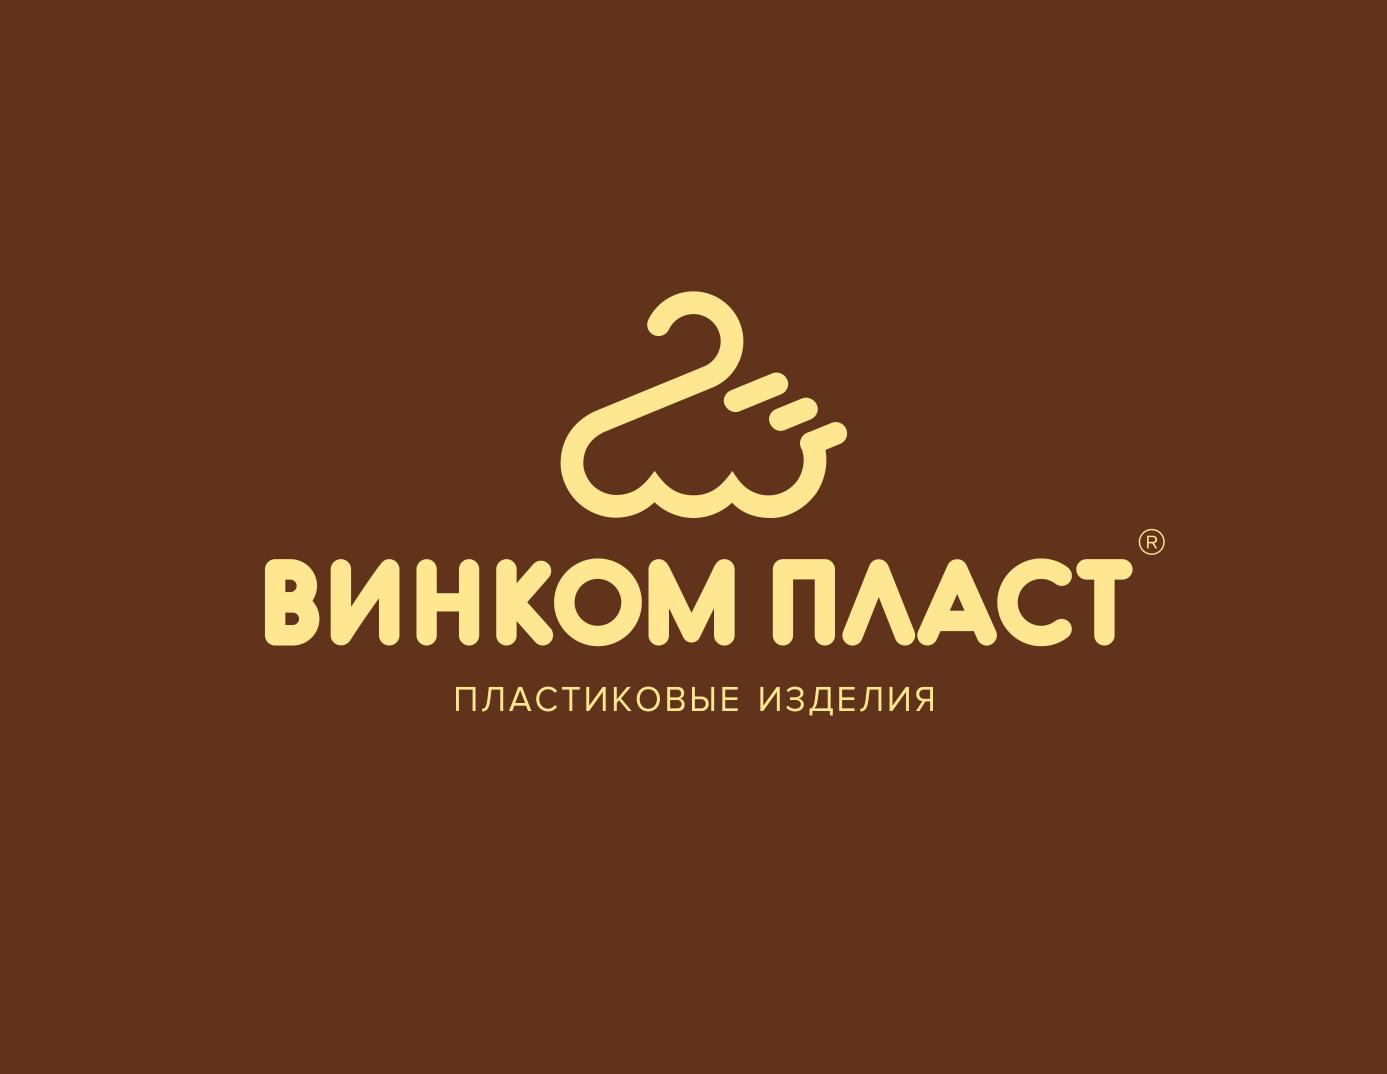 Логотип, фавикон и визитка для компании Винком Пласт  фото f_0925c35adfaa5ae6.png